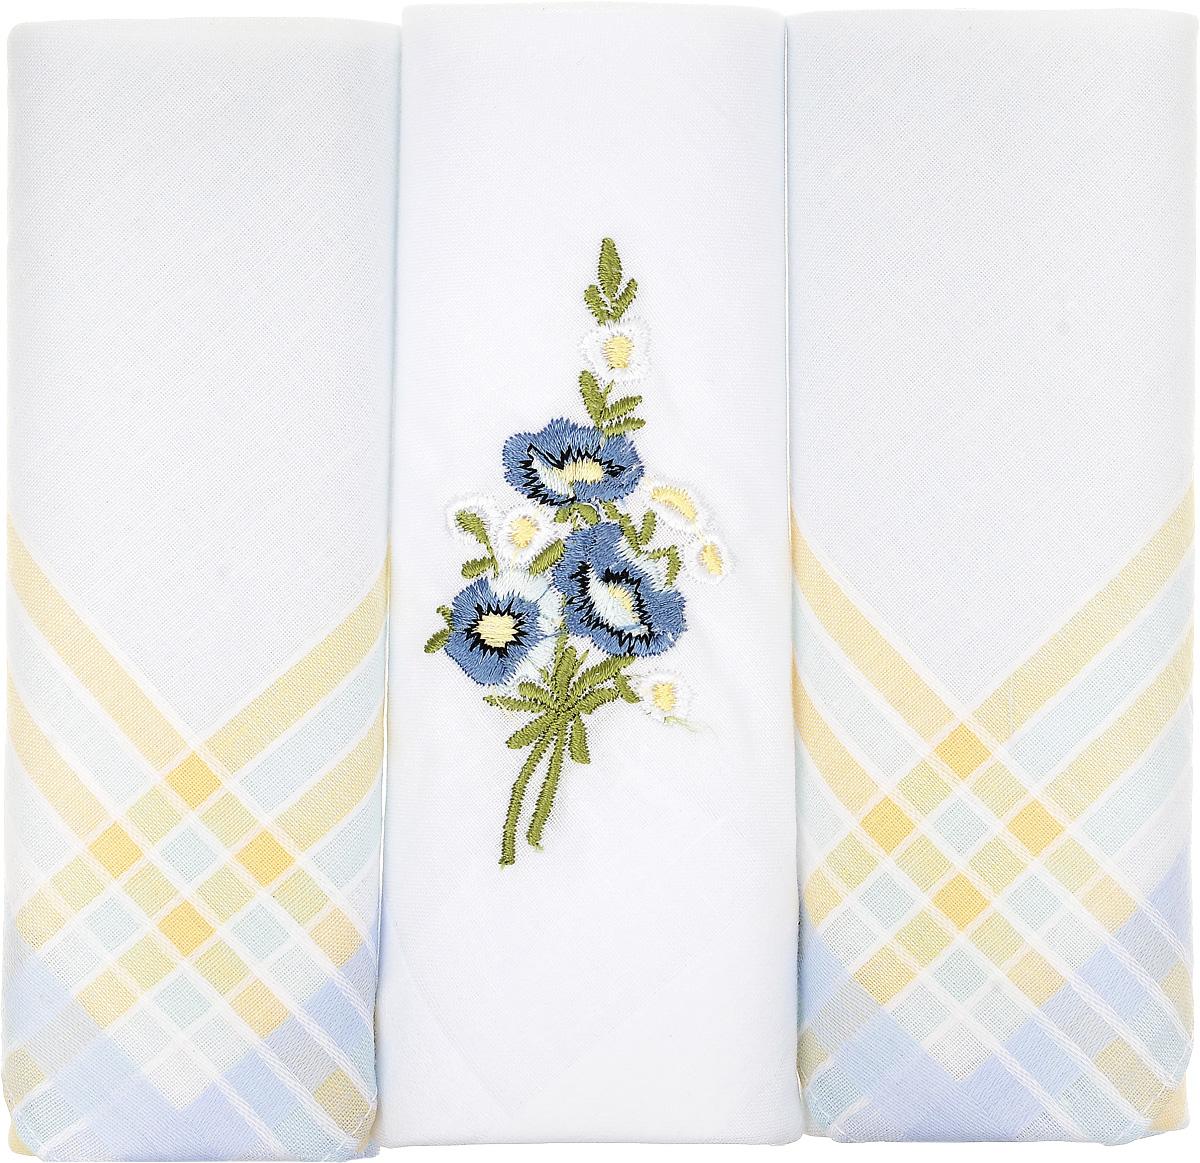 Платок носовой женский Zlata Korunka, цвет: белый, светло-голубой, желтый, 3 шт. 90329-47. Размер 29 см х 29 смАжурная брошьНебольшой женский носовой платок Zlata Korunka изготовлен из высококачественного натурального хлопка, благодаря чему приятен в использовании, хорошо стирается, не садится и отлично впитывает влагу. Практичный и изящный носовой платок будет незаменим в повседневной жизни любого современного человека. Такой платок послужит стильным аксессуаром и подчеркнет ваше превосходное чувство вкуса.В комплекте 3 платка.